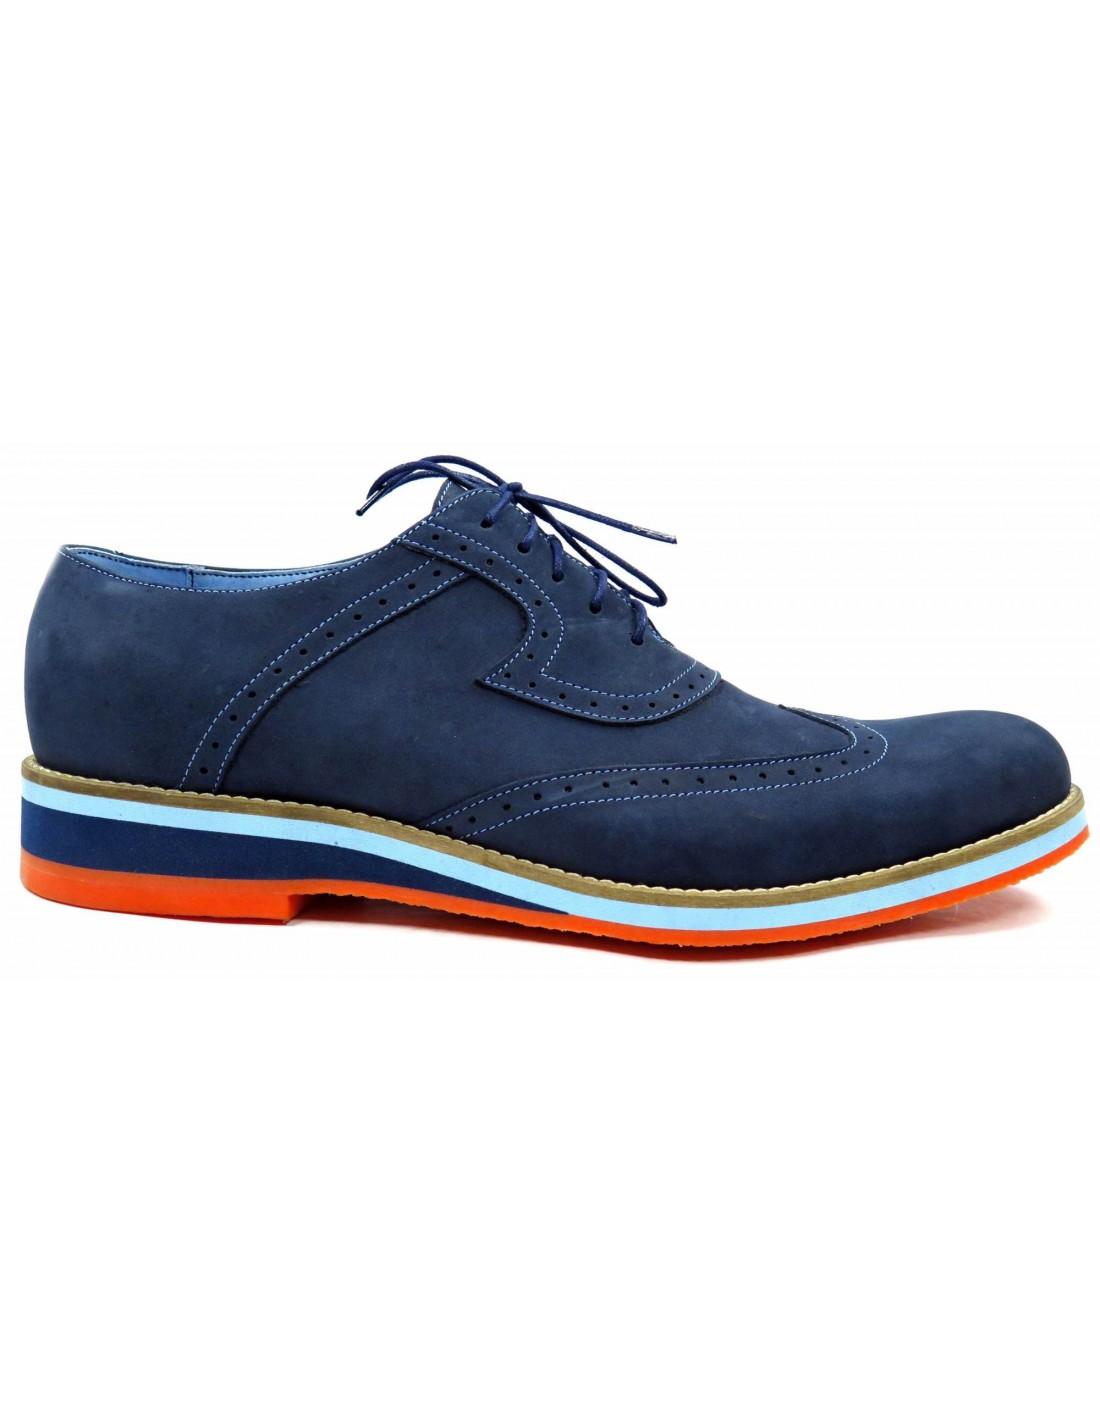 Granatowe m skie buty casualowe z pomara czow podeszw sklep internetowy House sklep buty meskie